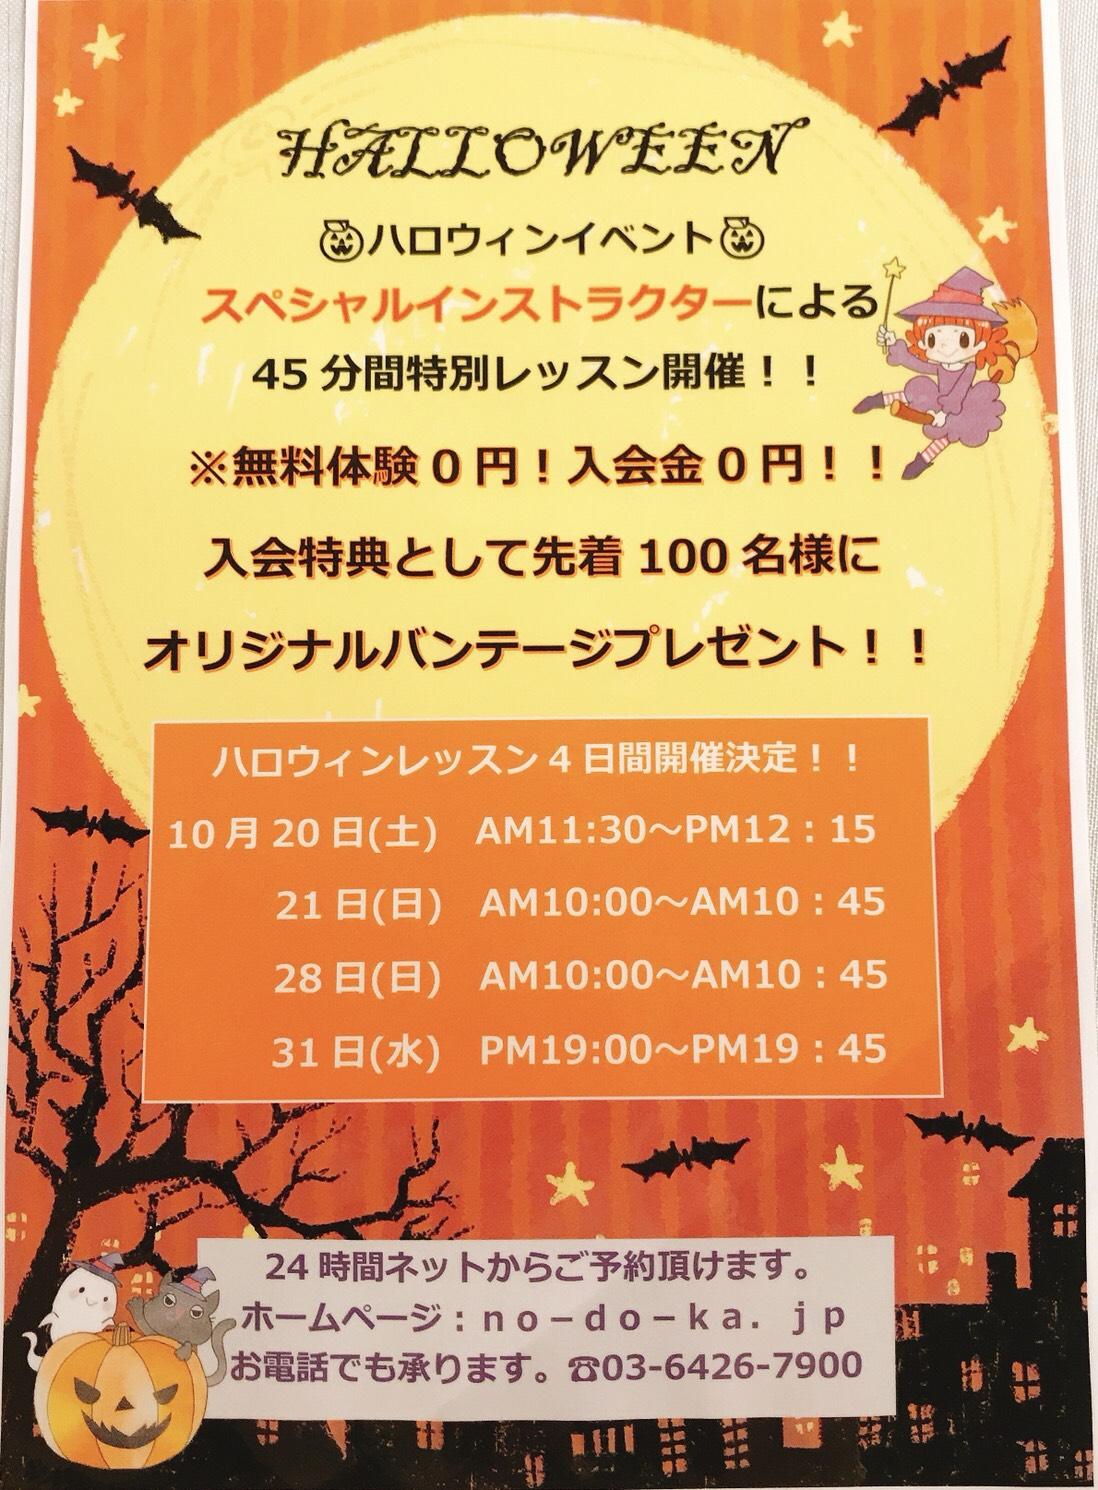 ハロウィンイベント開催決定!!